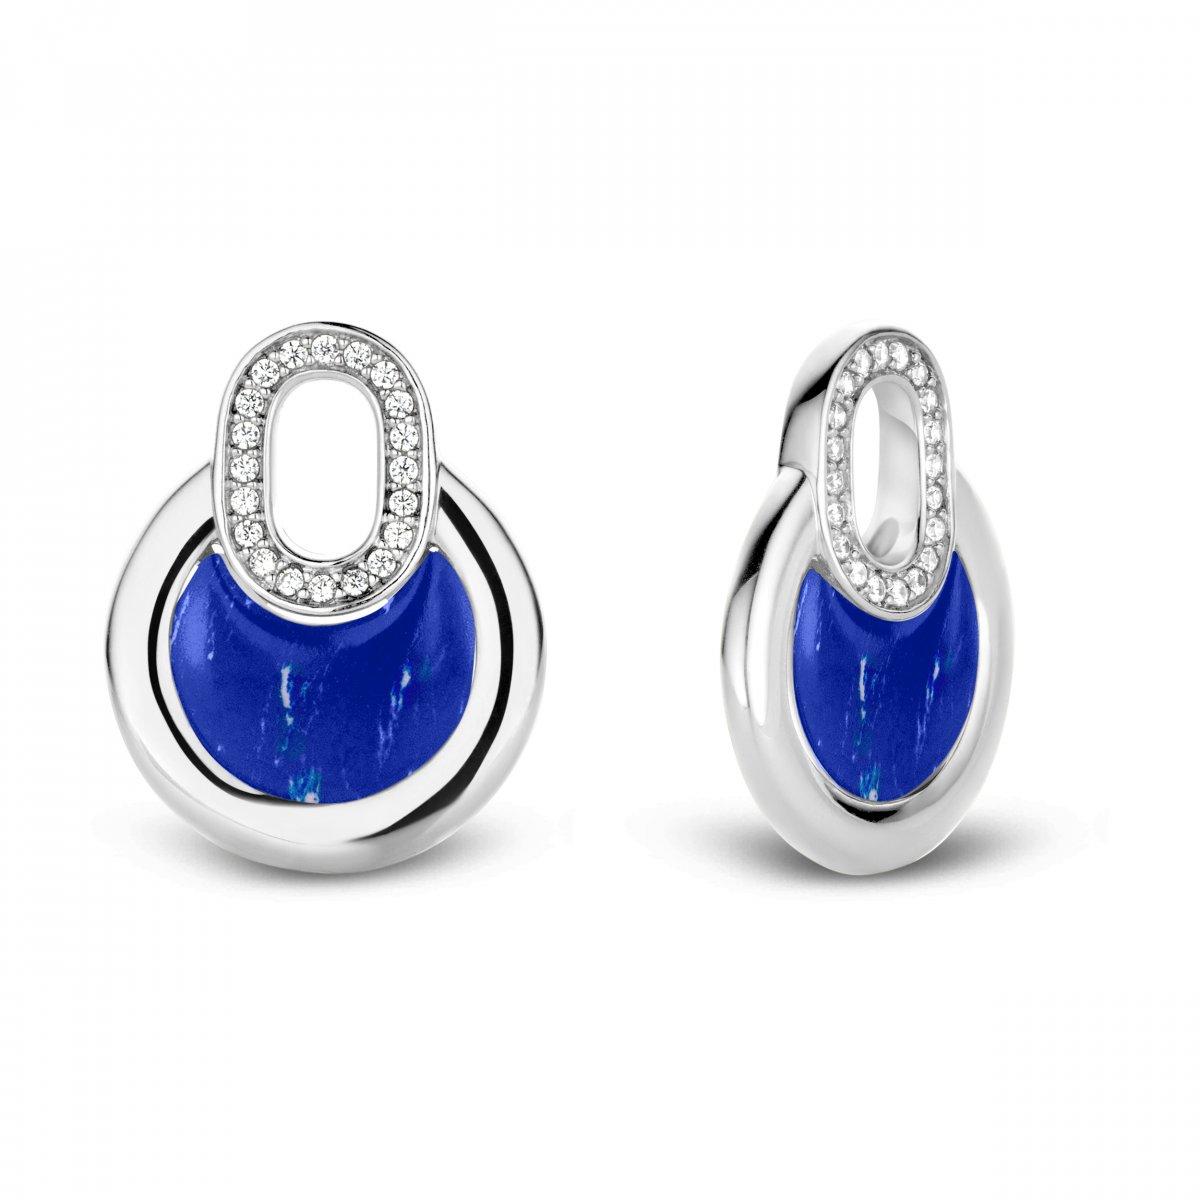 17df32b57 Prívesky na náušnice TI SENTO s modrými kameňmi 9206BL | MOLOKO